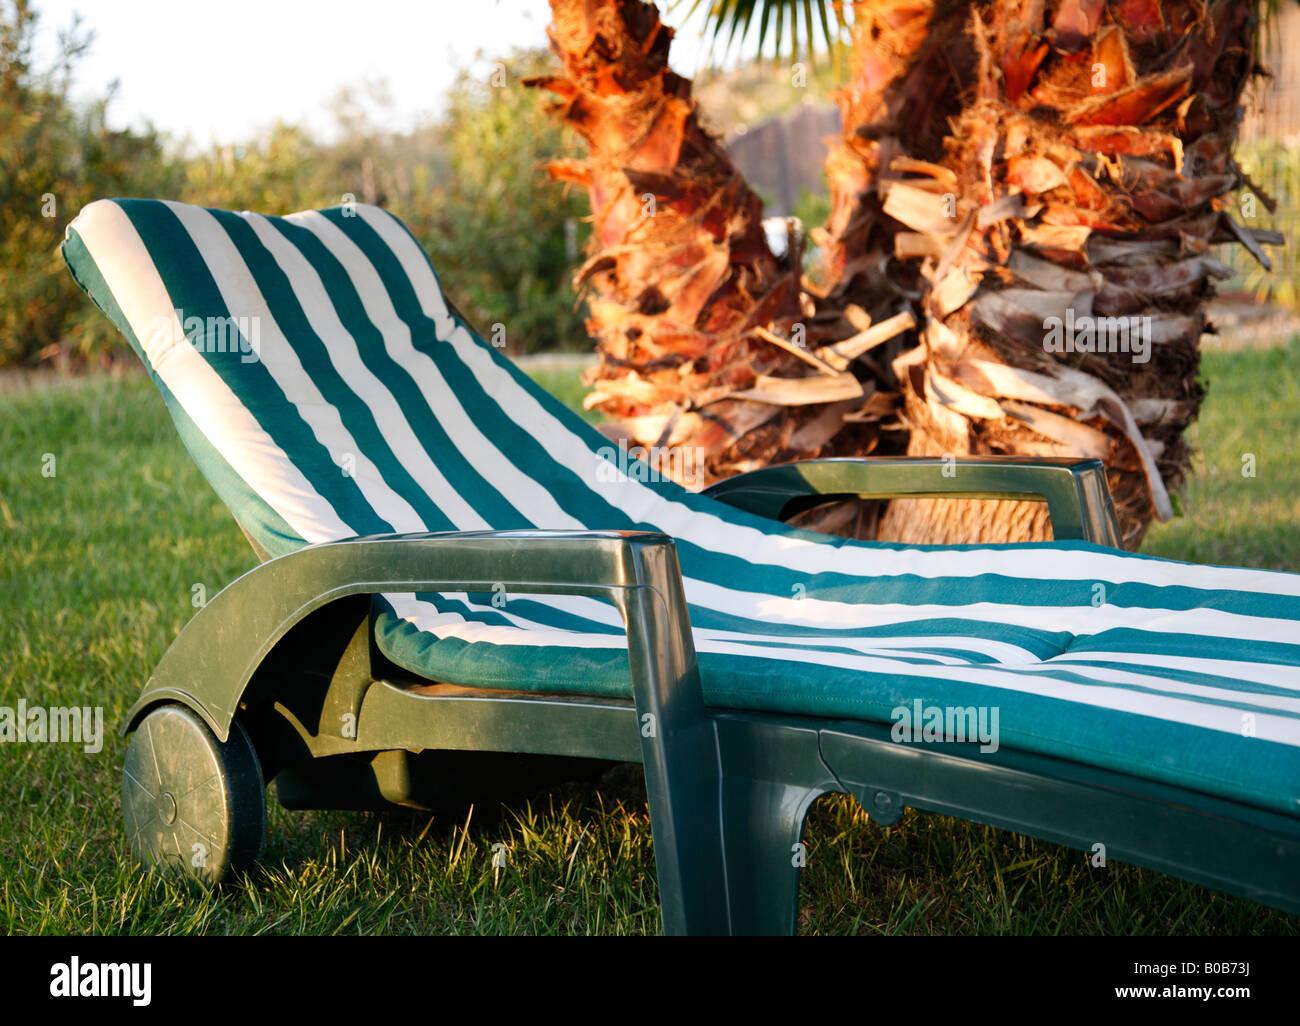 Longue Et Blanc Pelouse Dépouillé De Chaise Vert Sur La Avec Palmier N8wOPnk0X